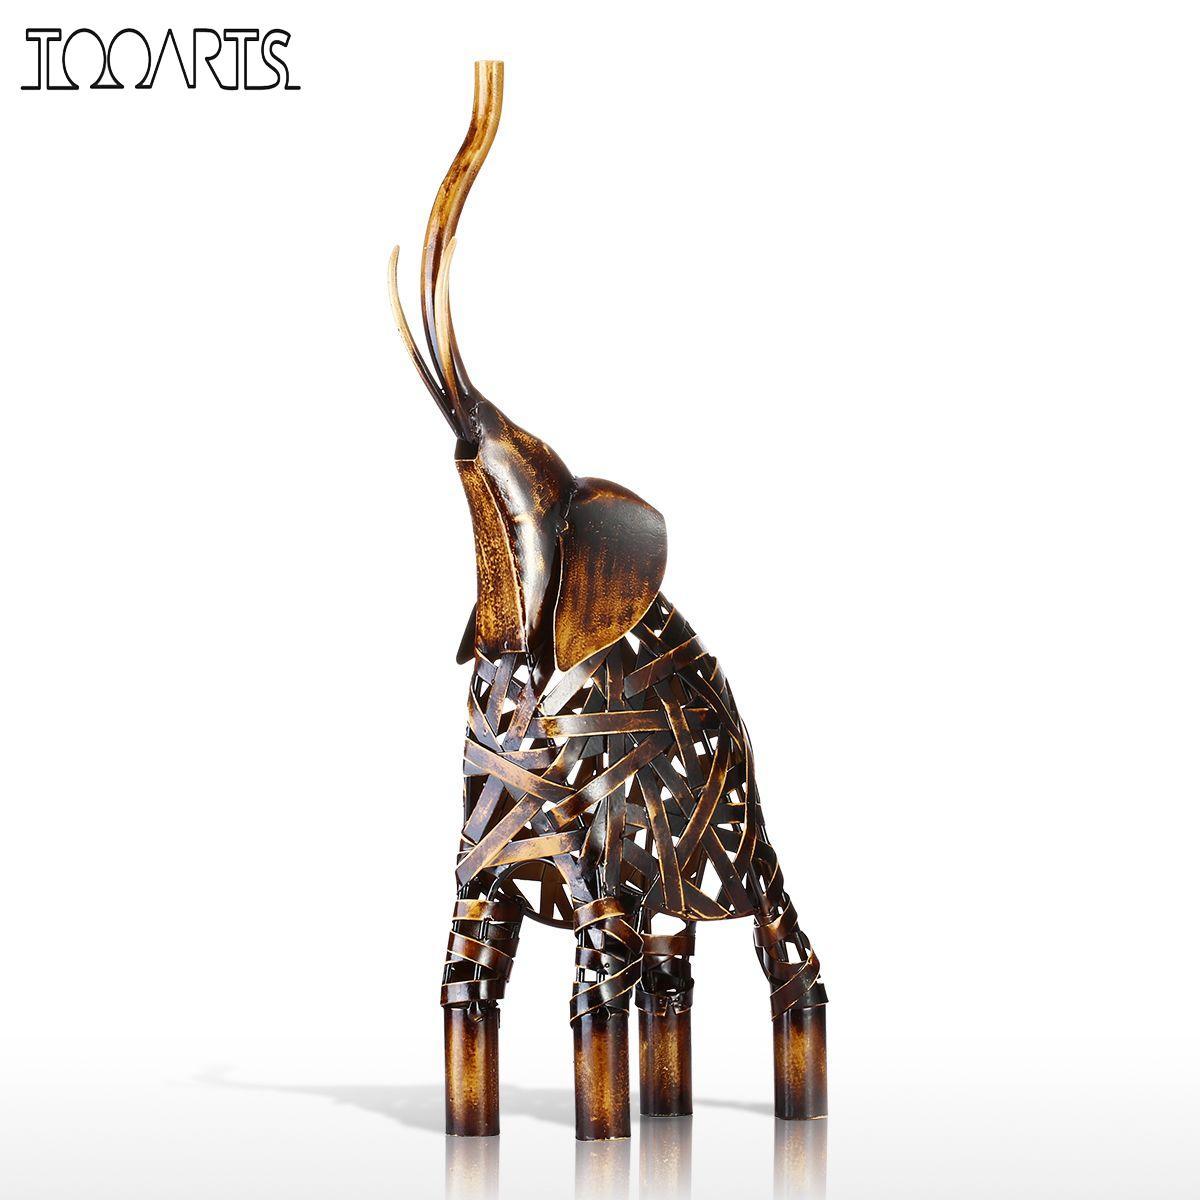 Tooarts Tissage de Métal Éléphant Figurine Fer Figurine Décor À La Maison Artisanat Animal Artisanat Cadeau Pour La Maison Bureau